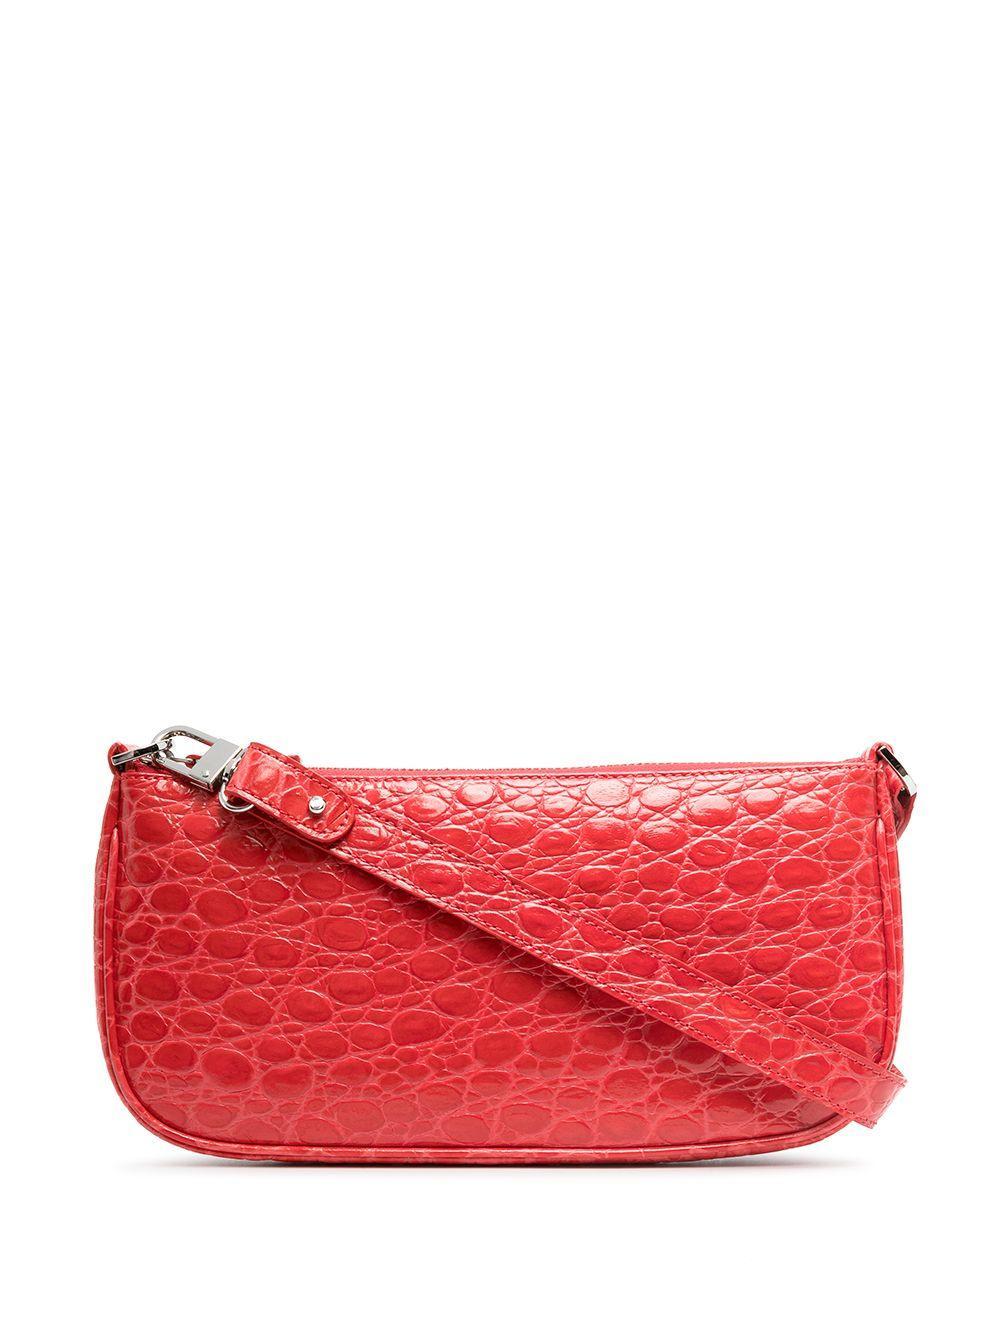 Rachel Croc Embossed Shoulder Bag Item # 21CRRCLSPMDMED